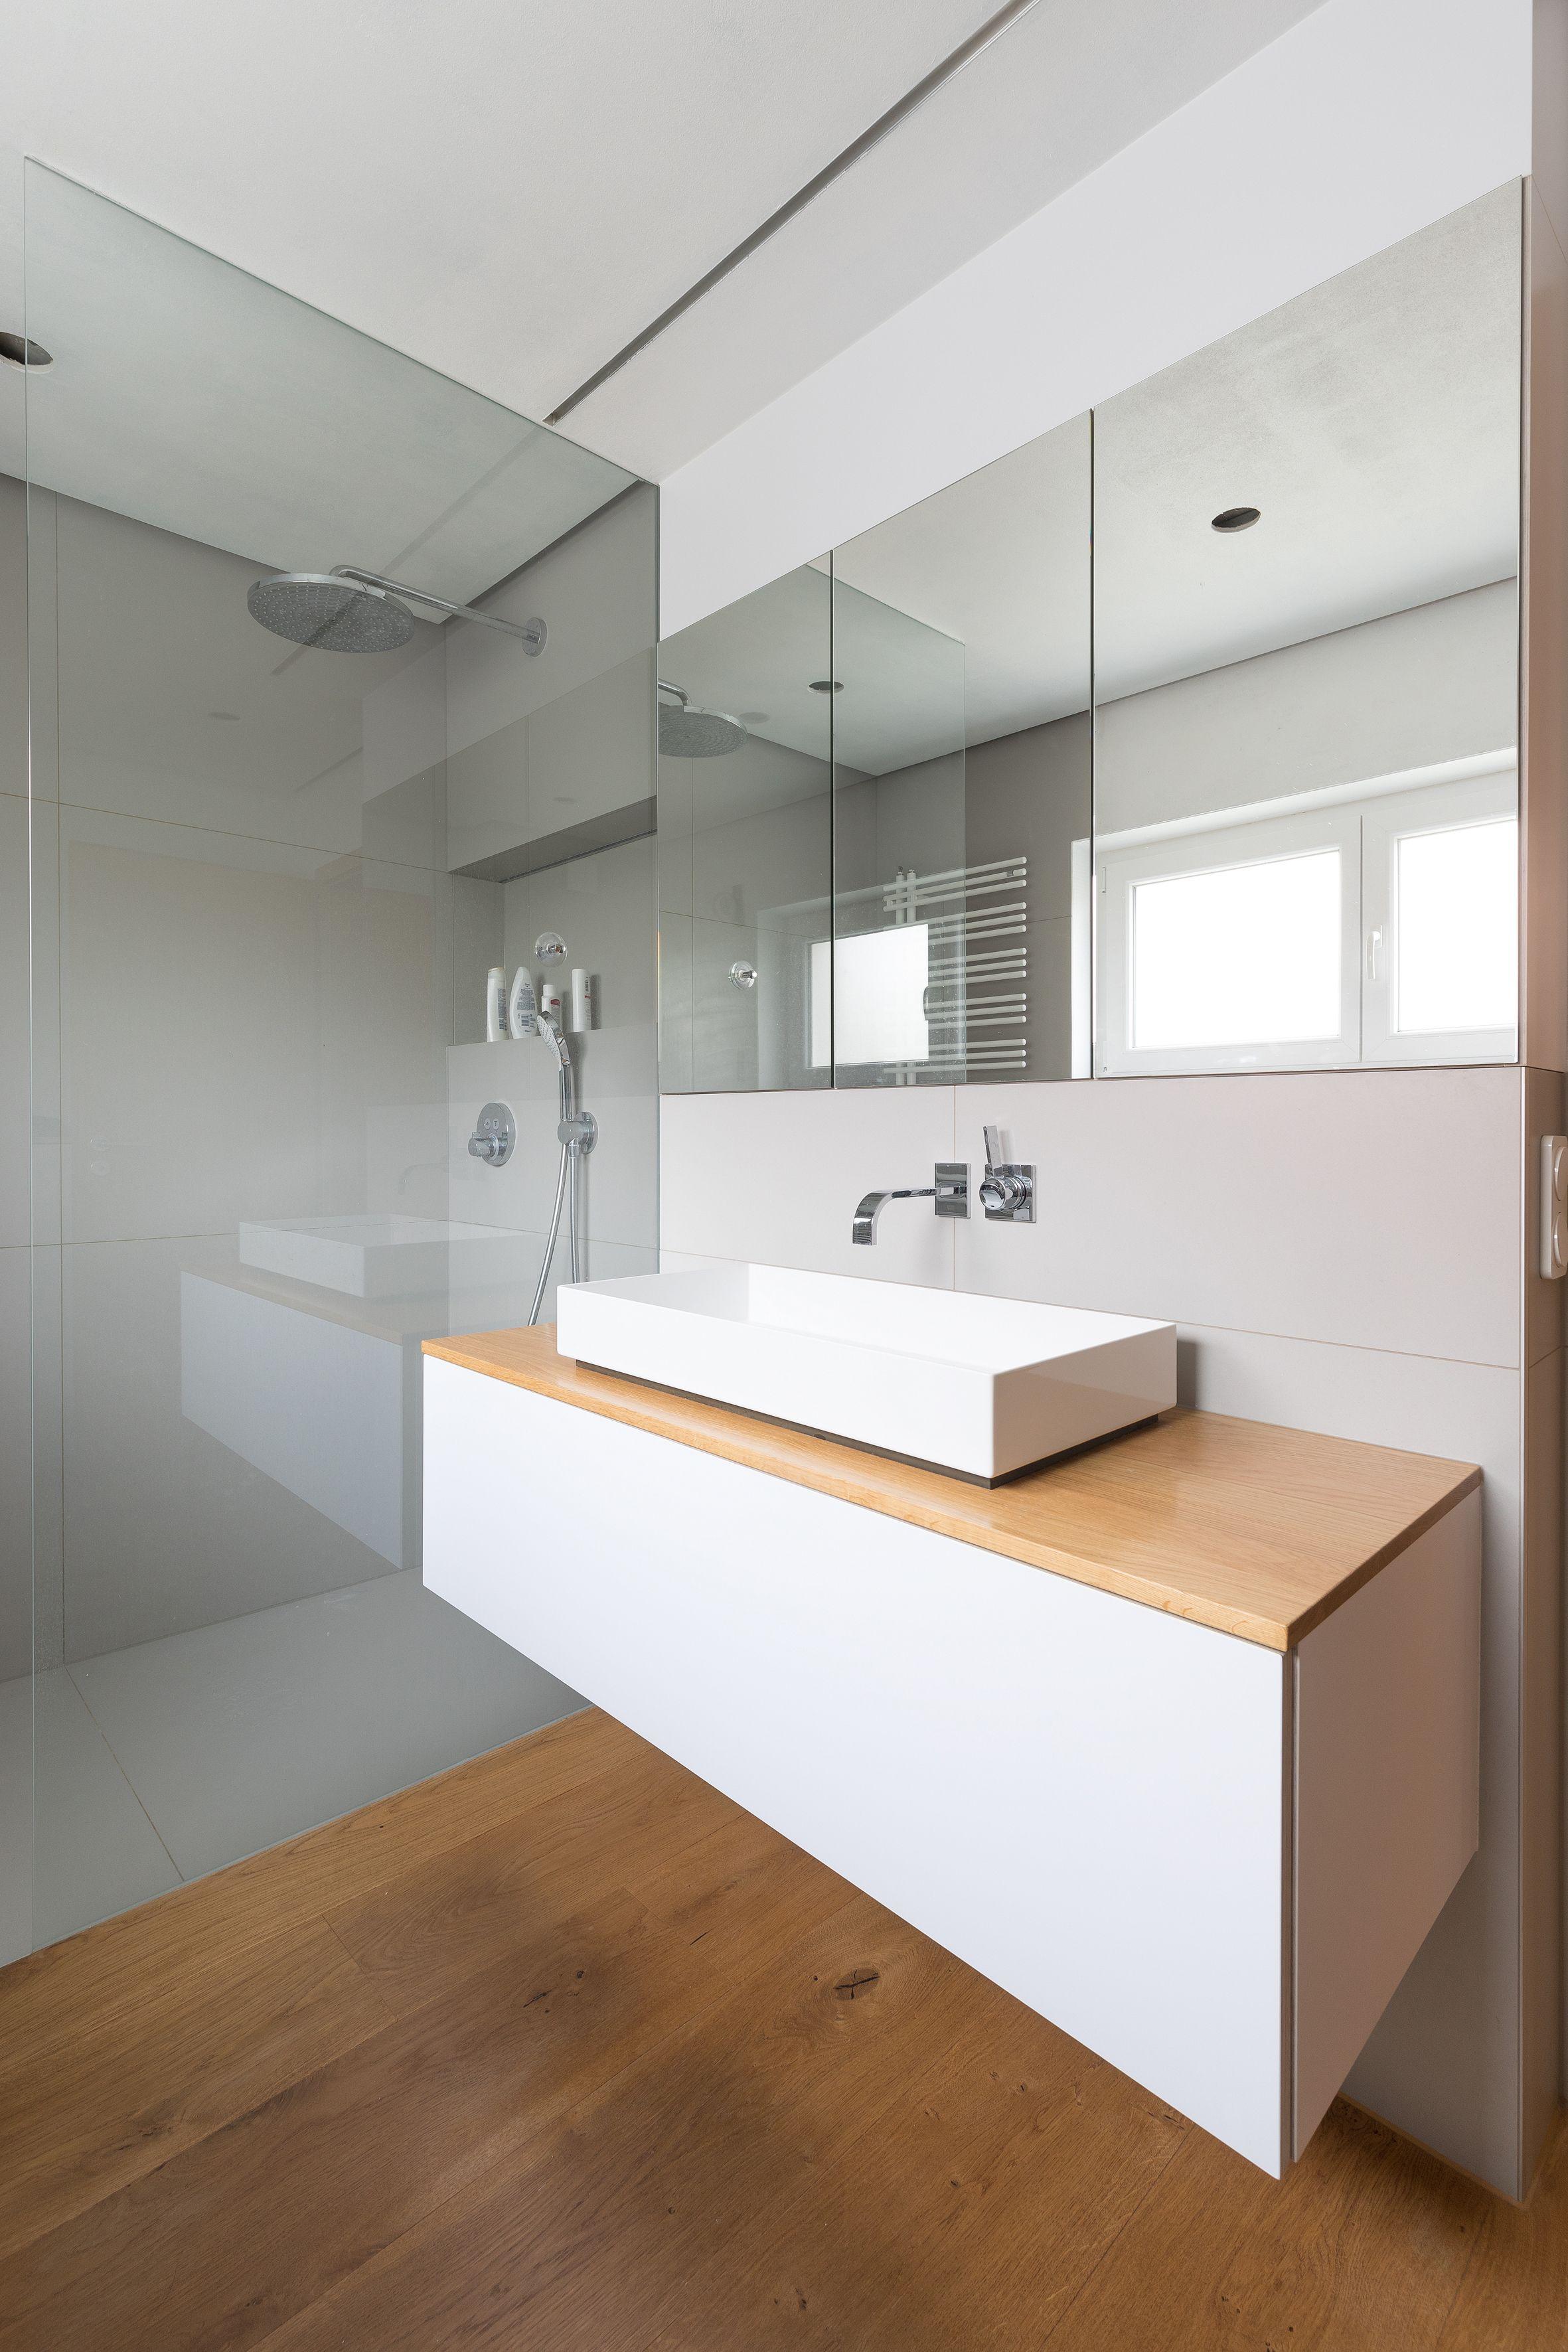 Bath | Salle de bain | Armoire encastrée | Armoire de toilette | Placard | Armoire inférieure | …